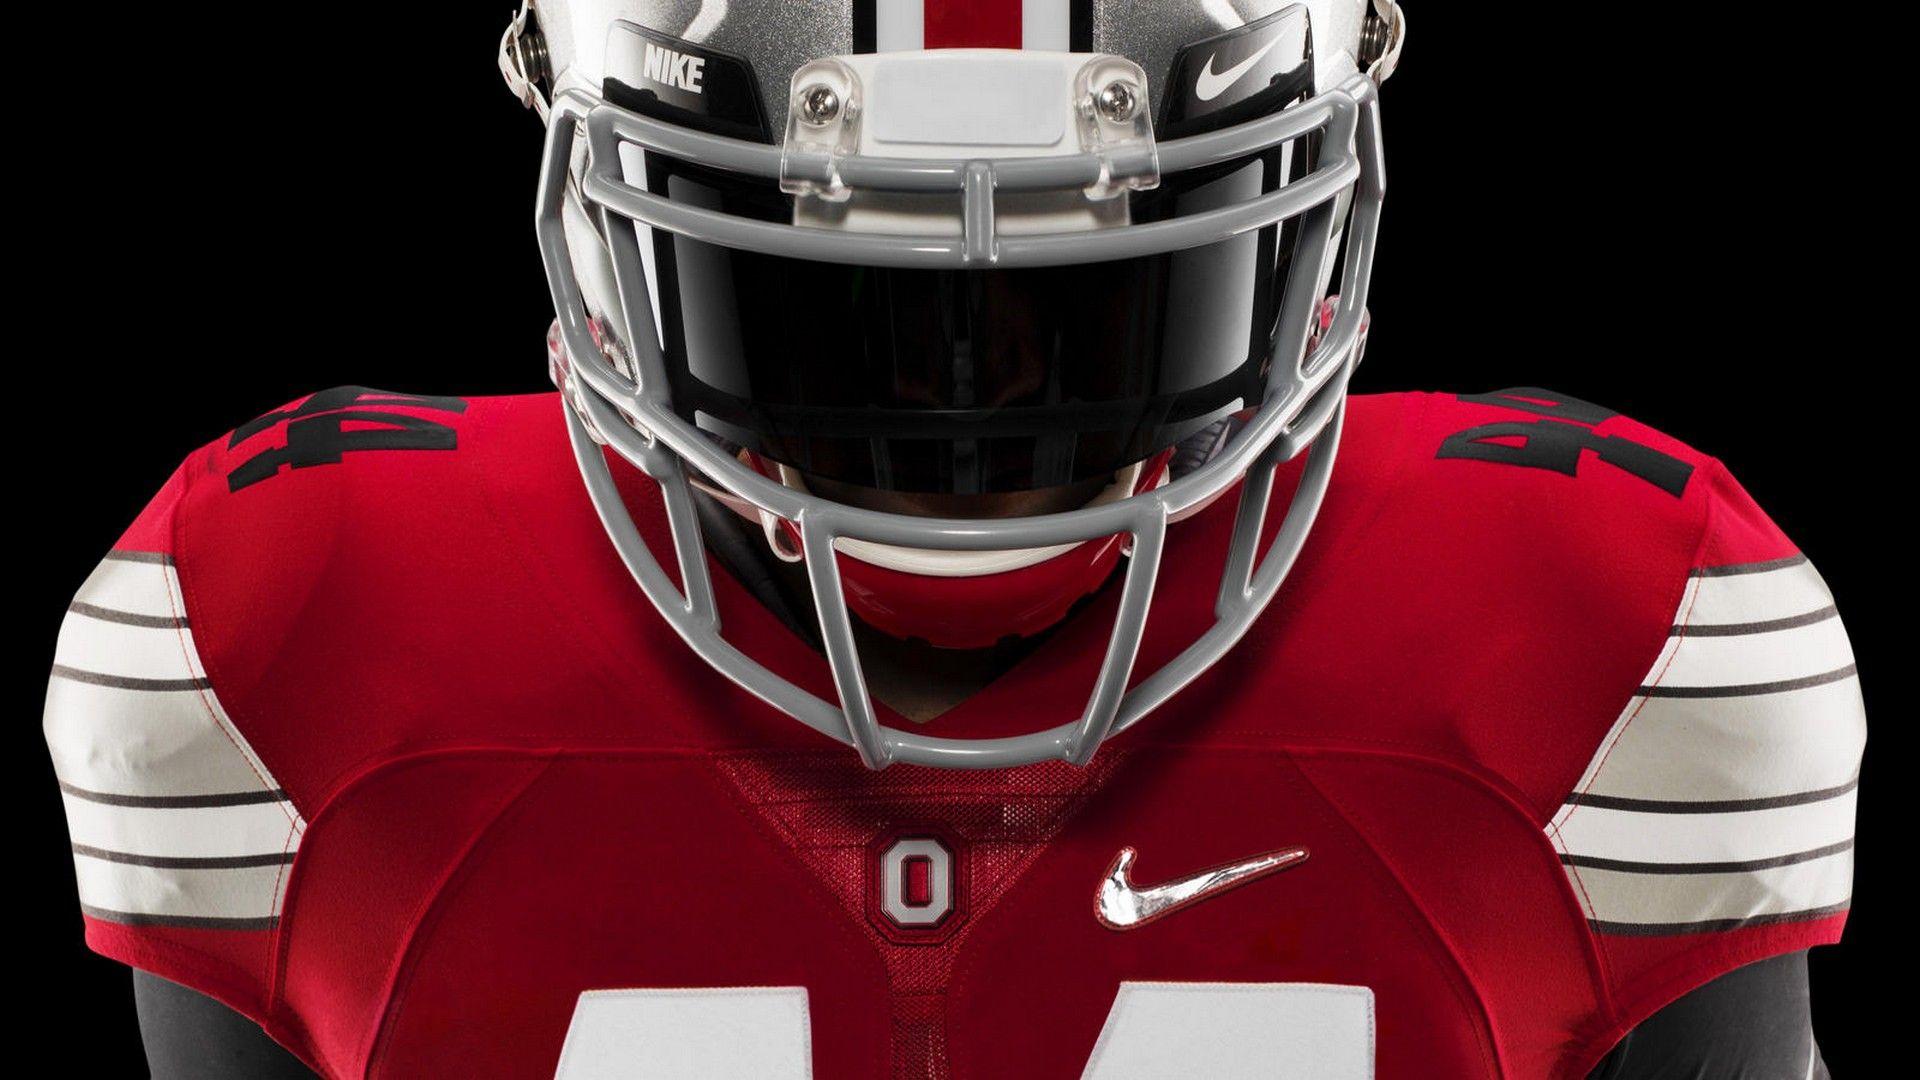 Ohio State Uniform Wallpaper HD Ohio state uniforms